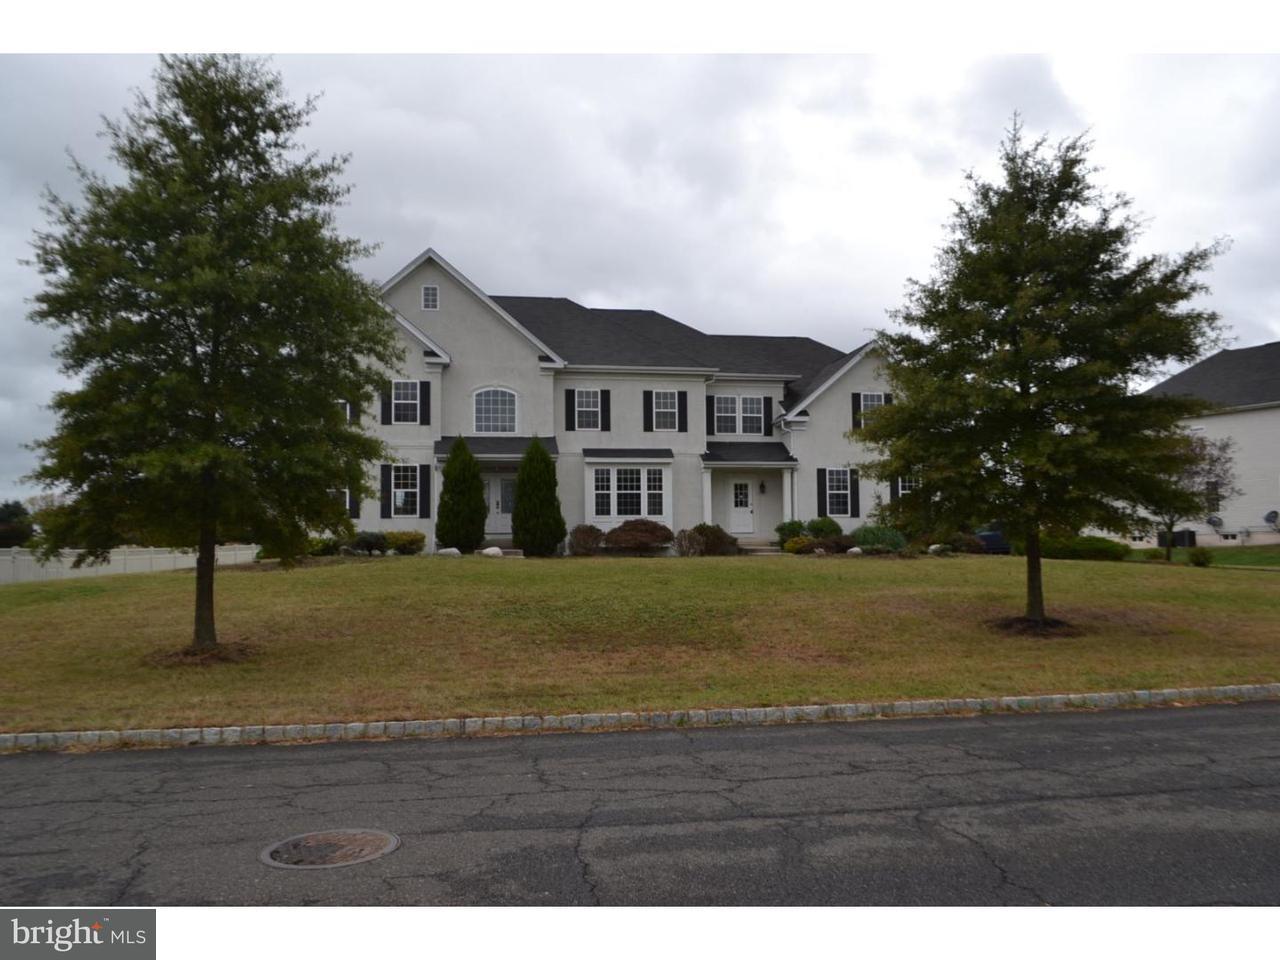 Maison unifamiliale pour l Vente à 92 BALSAM Road Lumberton, New Jersey 08048 États-Unis